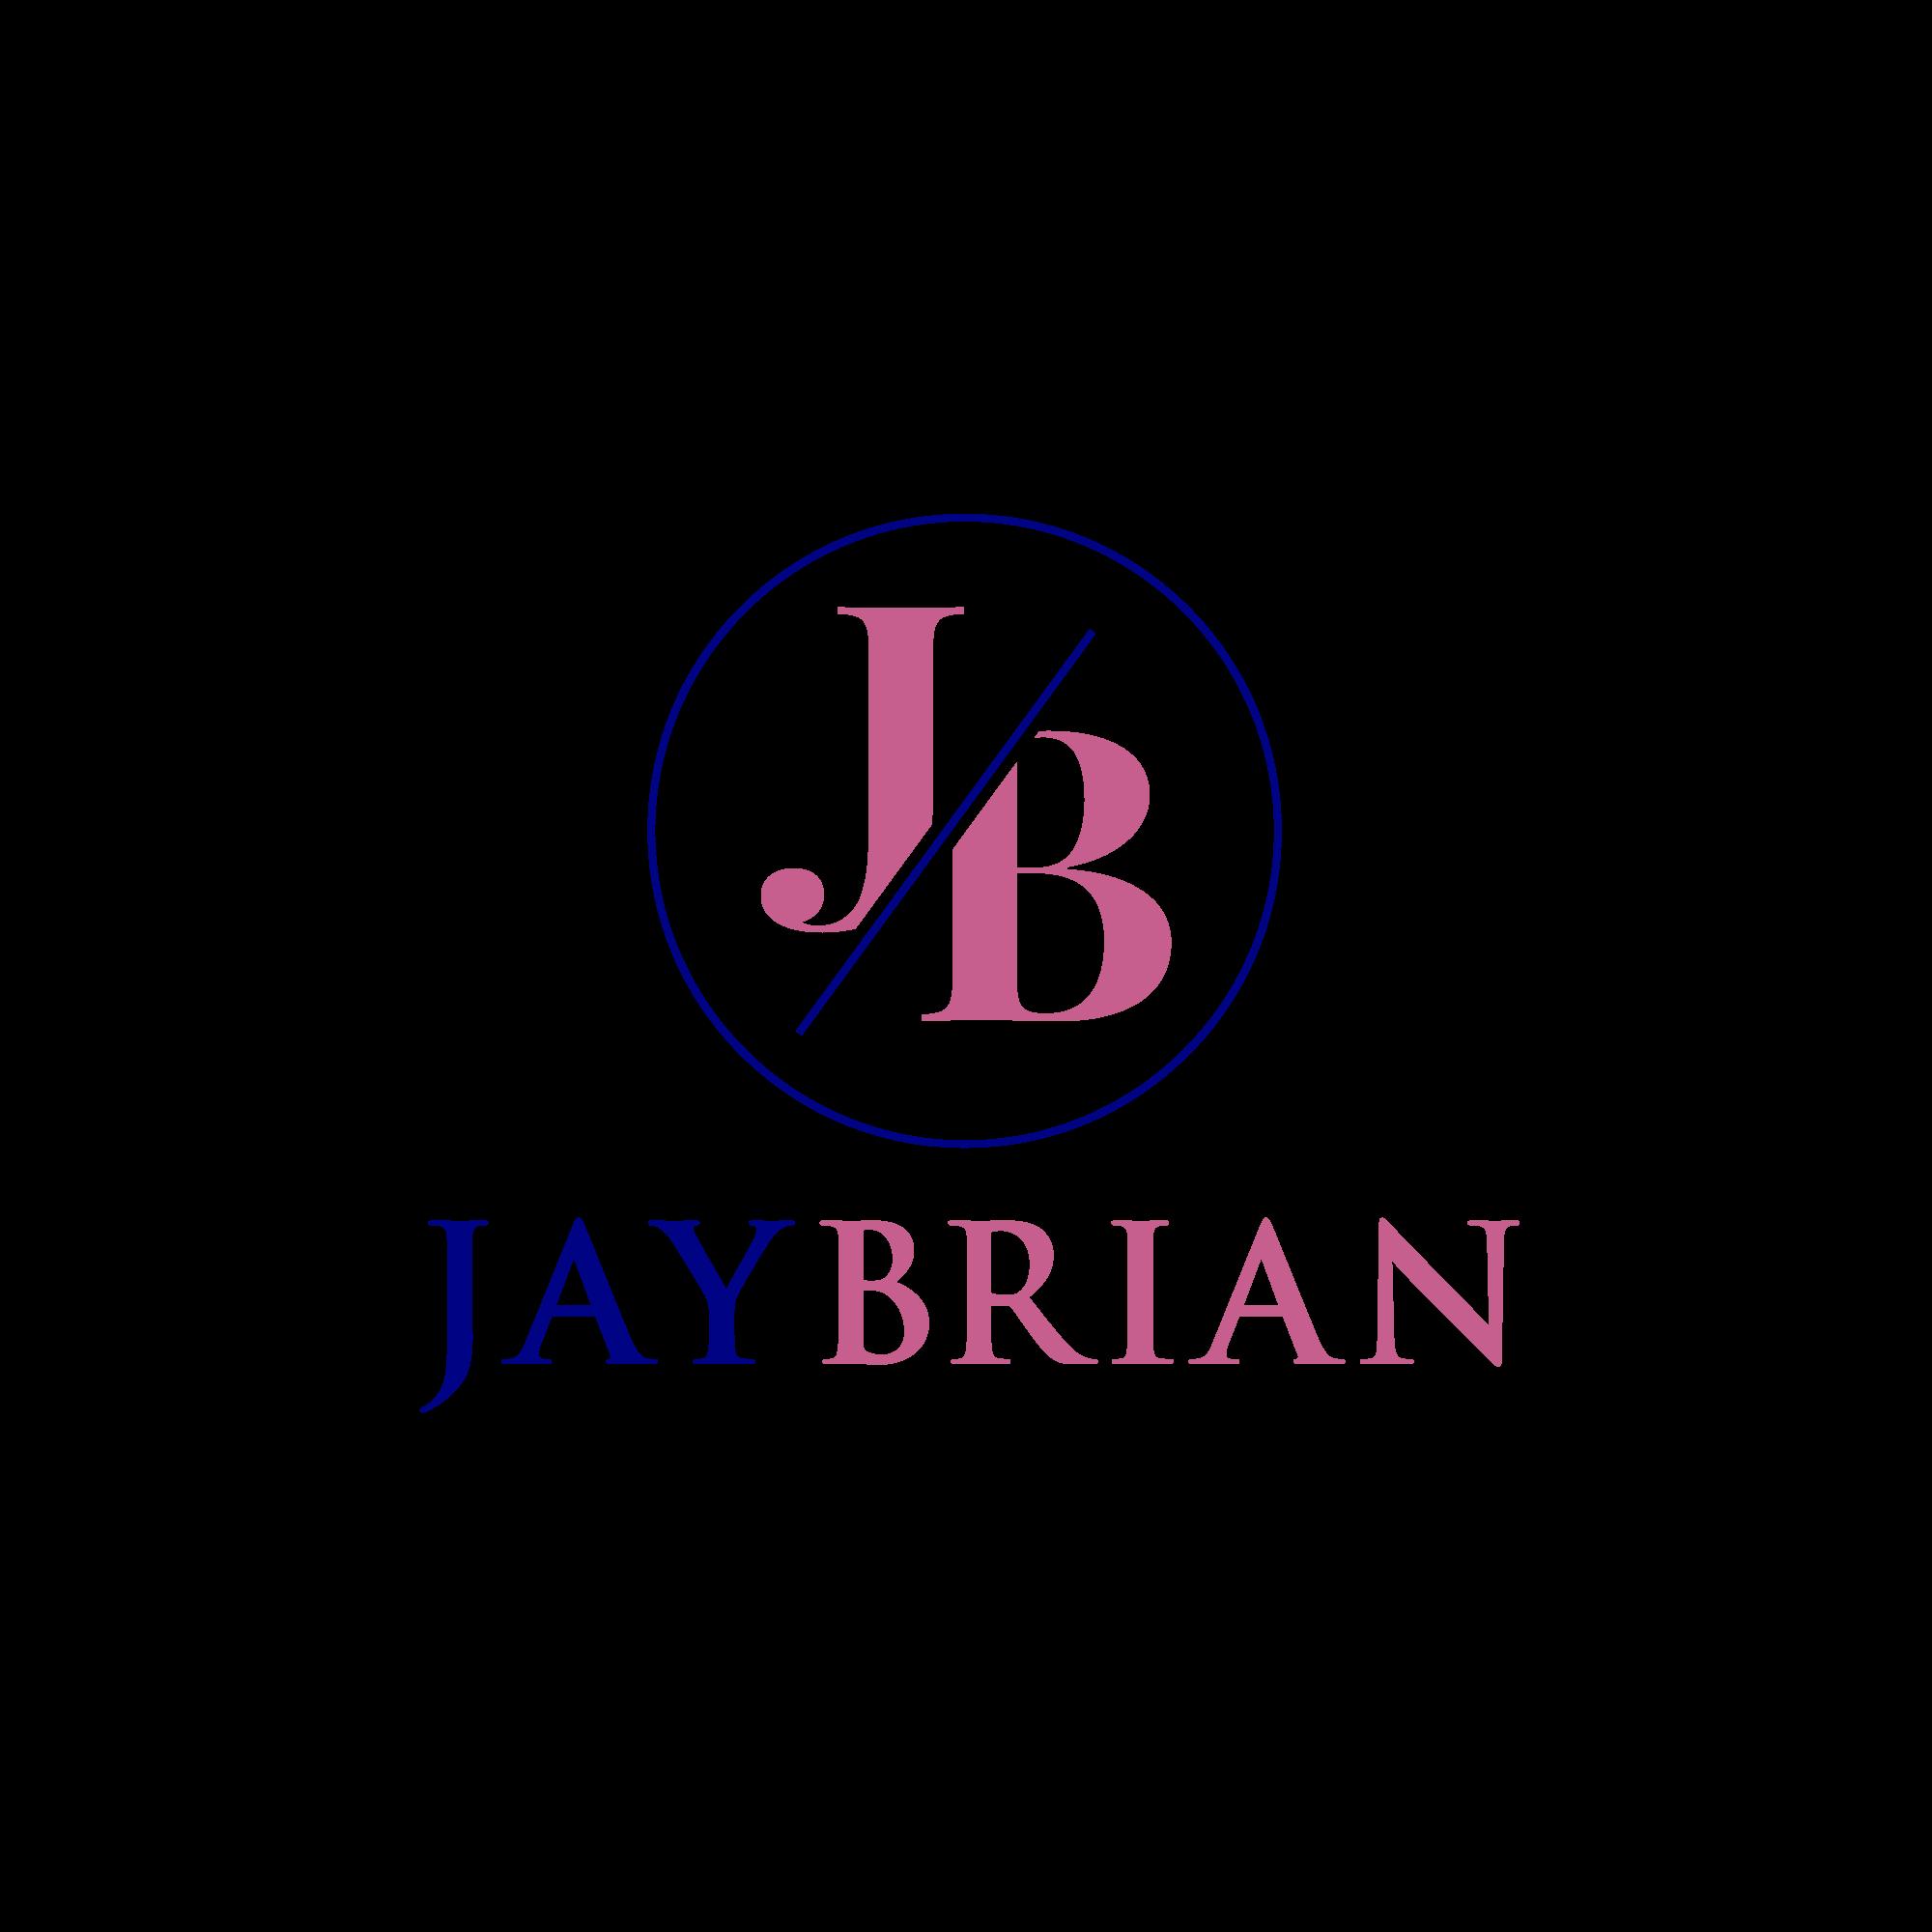 jay brian logo